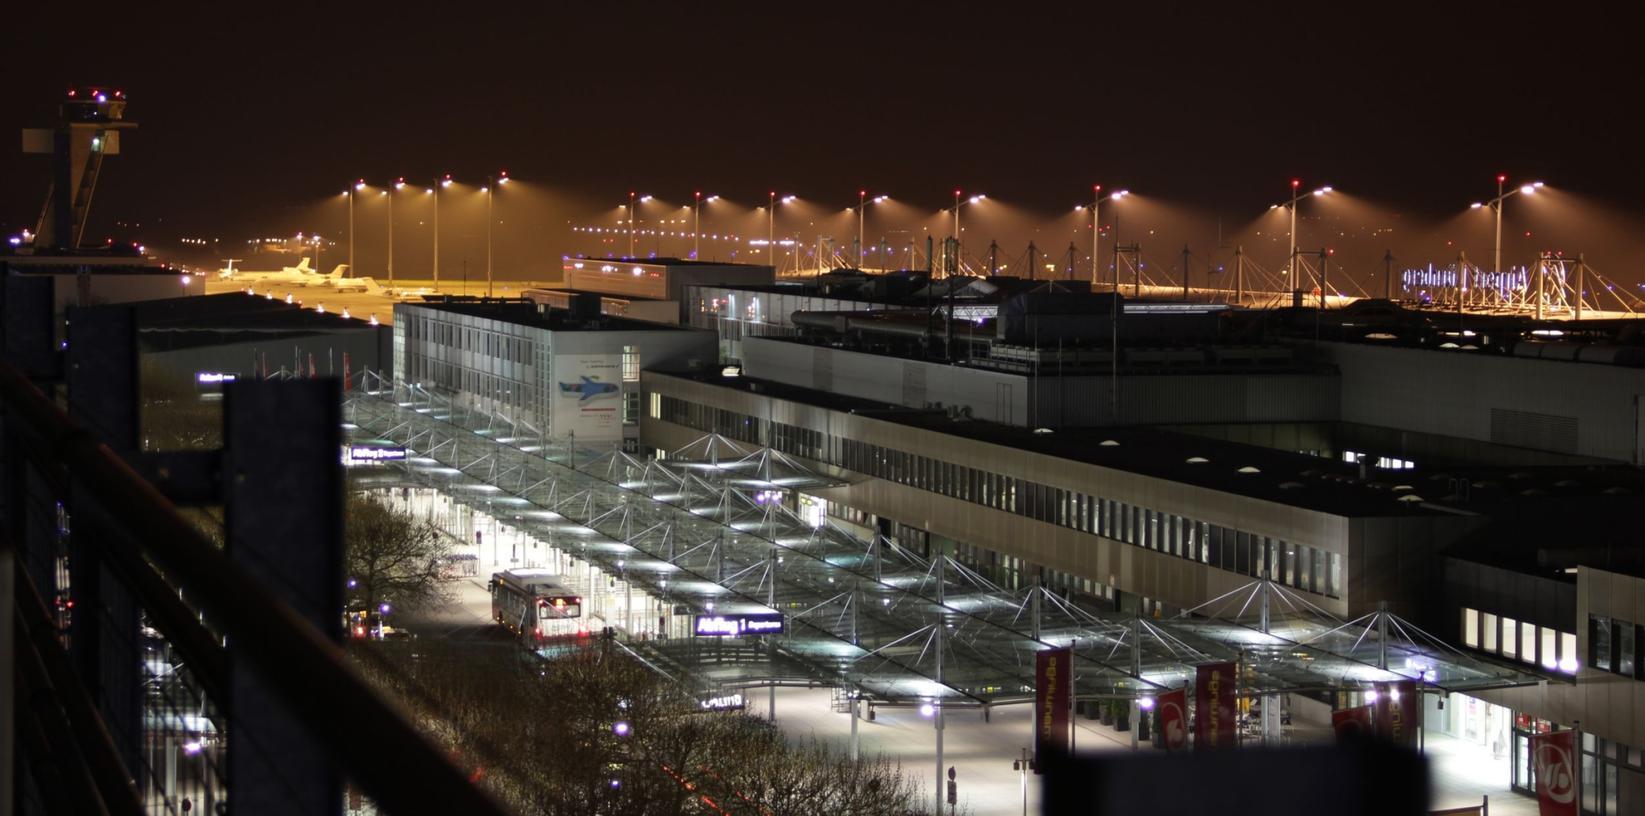 Hamburger Berater haben einen Plan ausgeklügelt, der den Nürnberger Flughafen wieder in die schwarzen Zahlen bringen soll.